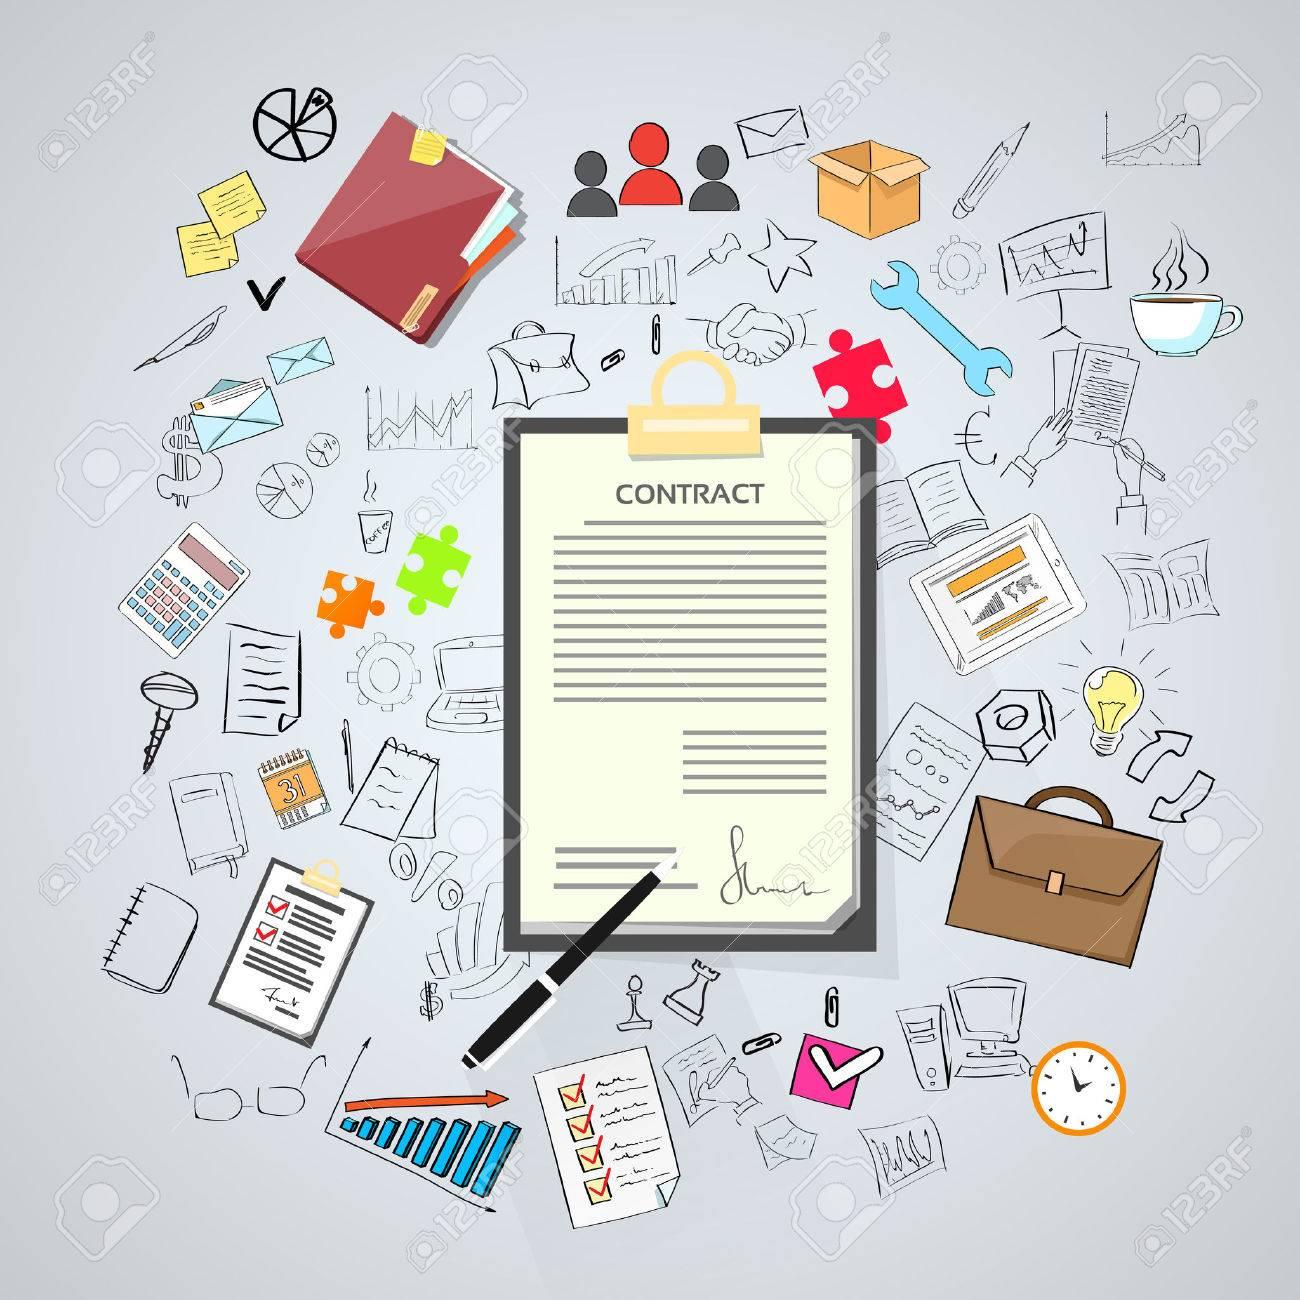 Contract Sign Up Papier Dokument Stift Unterschrift Buro